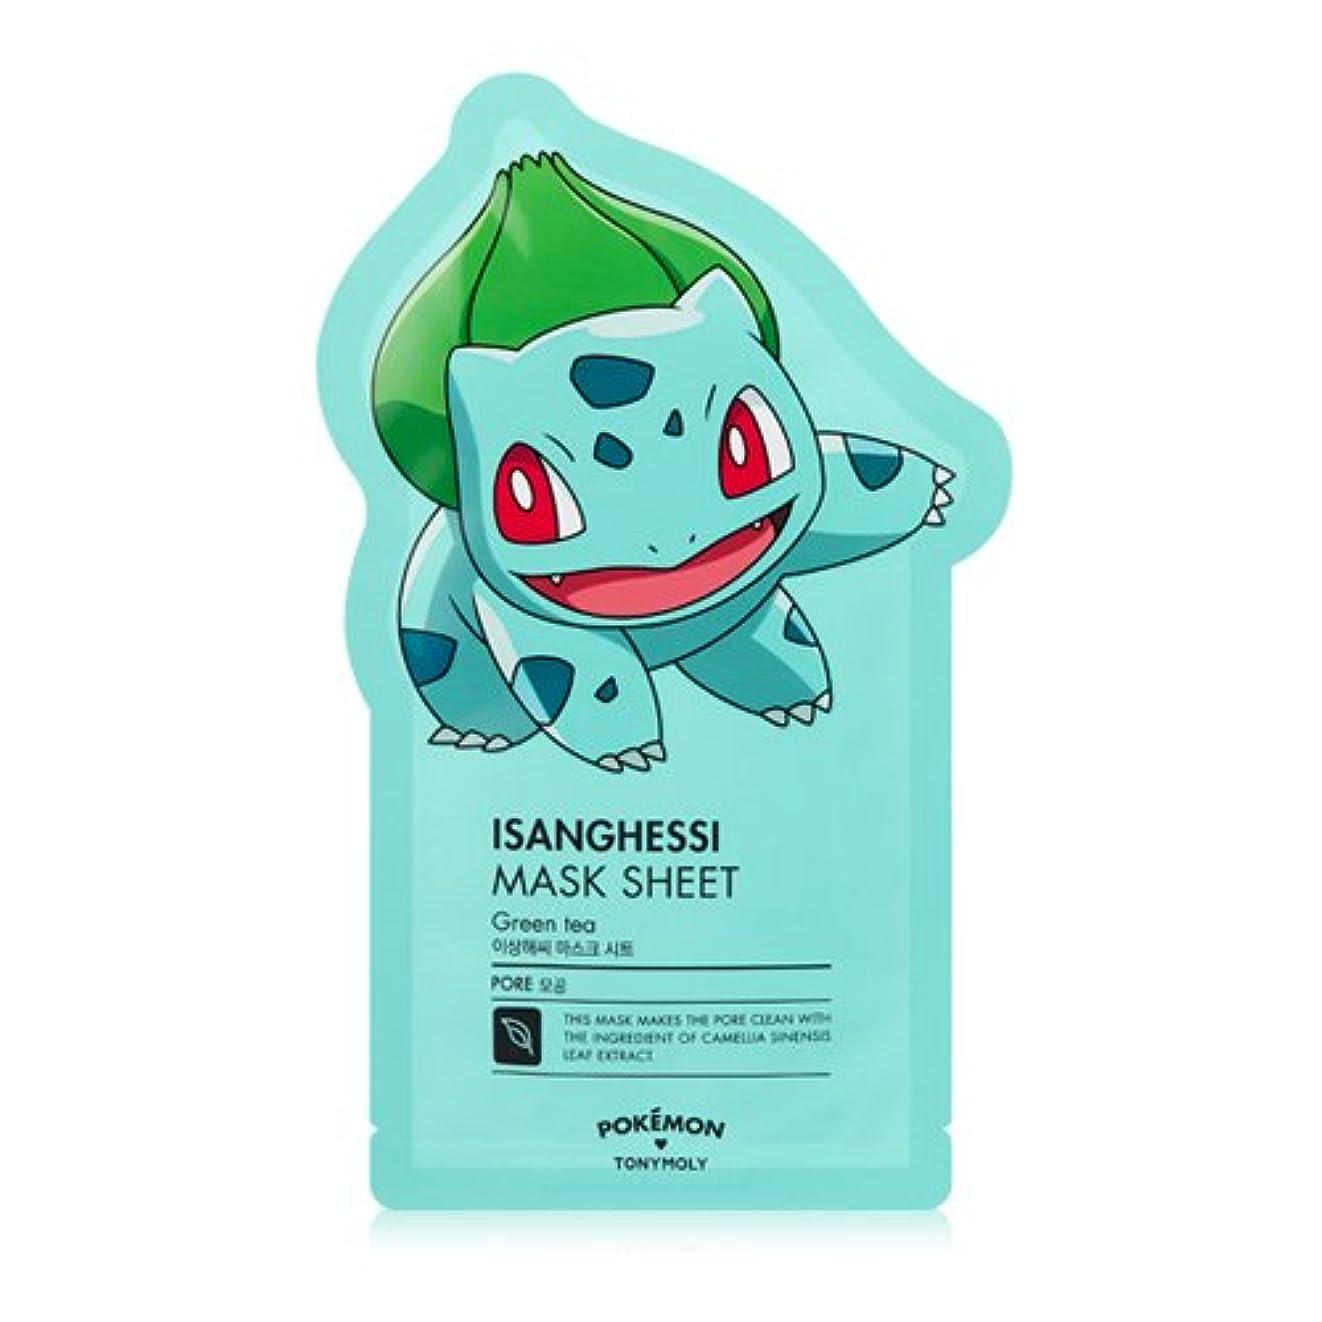 間ライナー十分ではない(6 Pack) TONYMOLY x Pokemon Bulbasaur/Isanghessi Mask Sheet (並行輸入品)